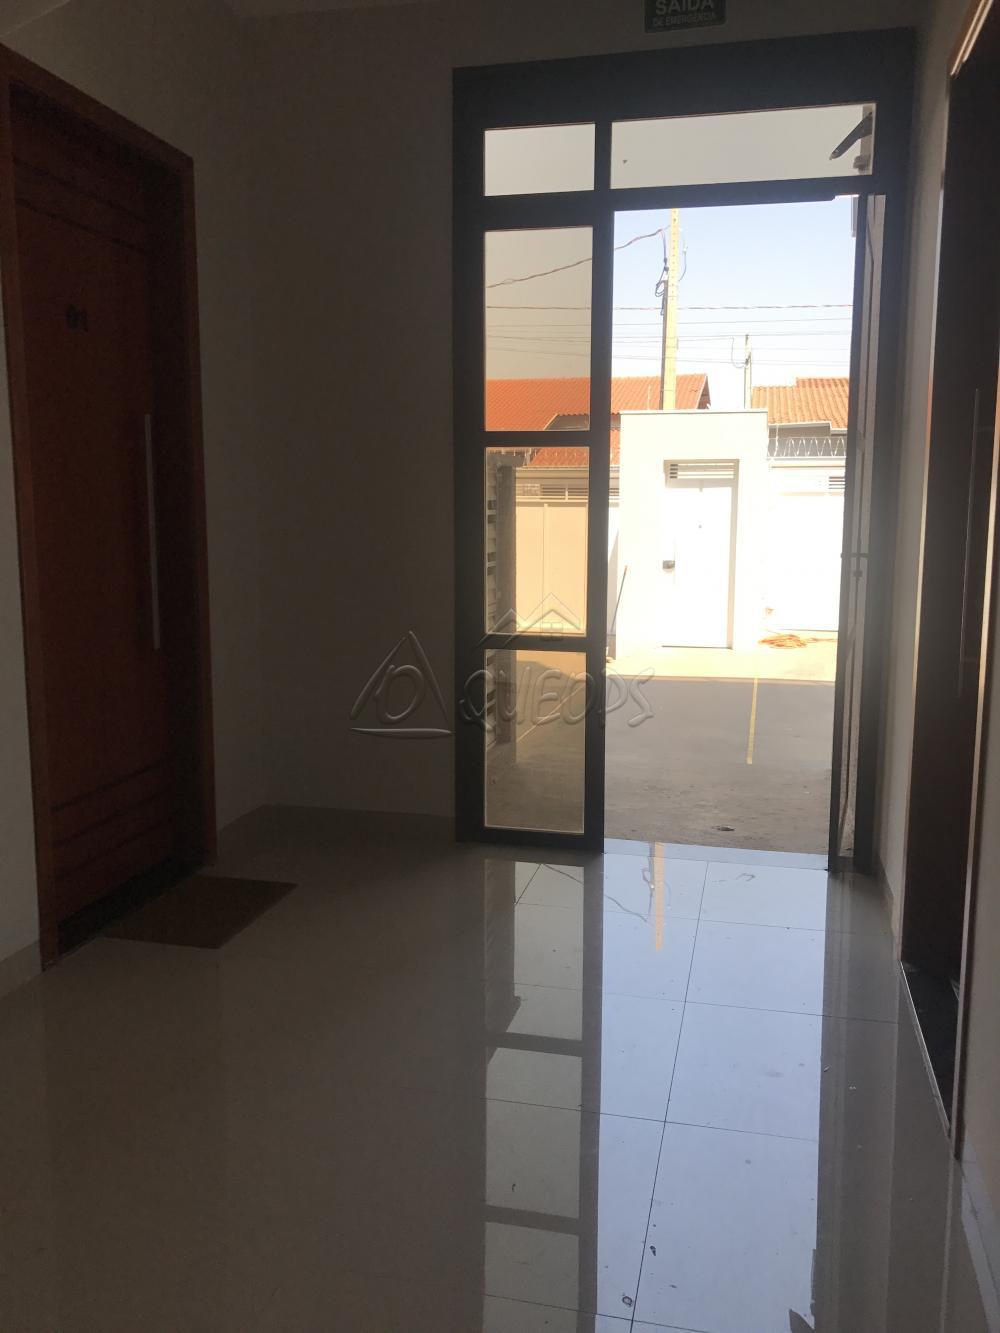 Alugar Apartamento / Padrão em Barretos apenas R$ 1.800,00 - Foto 21